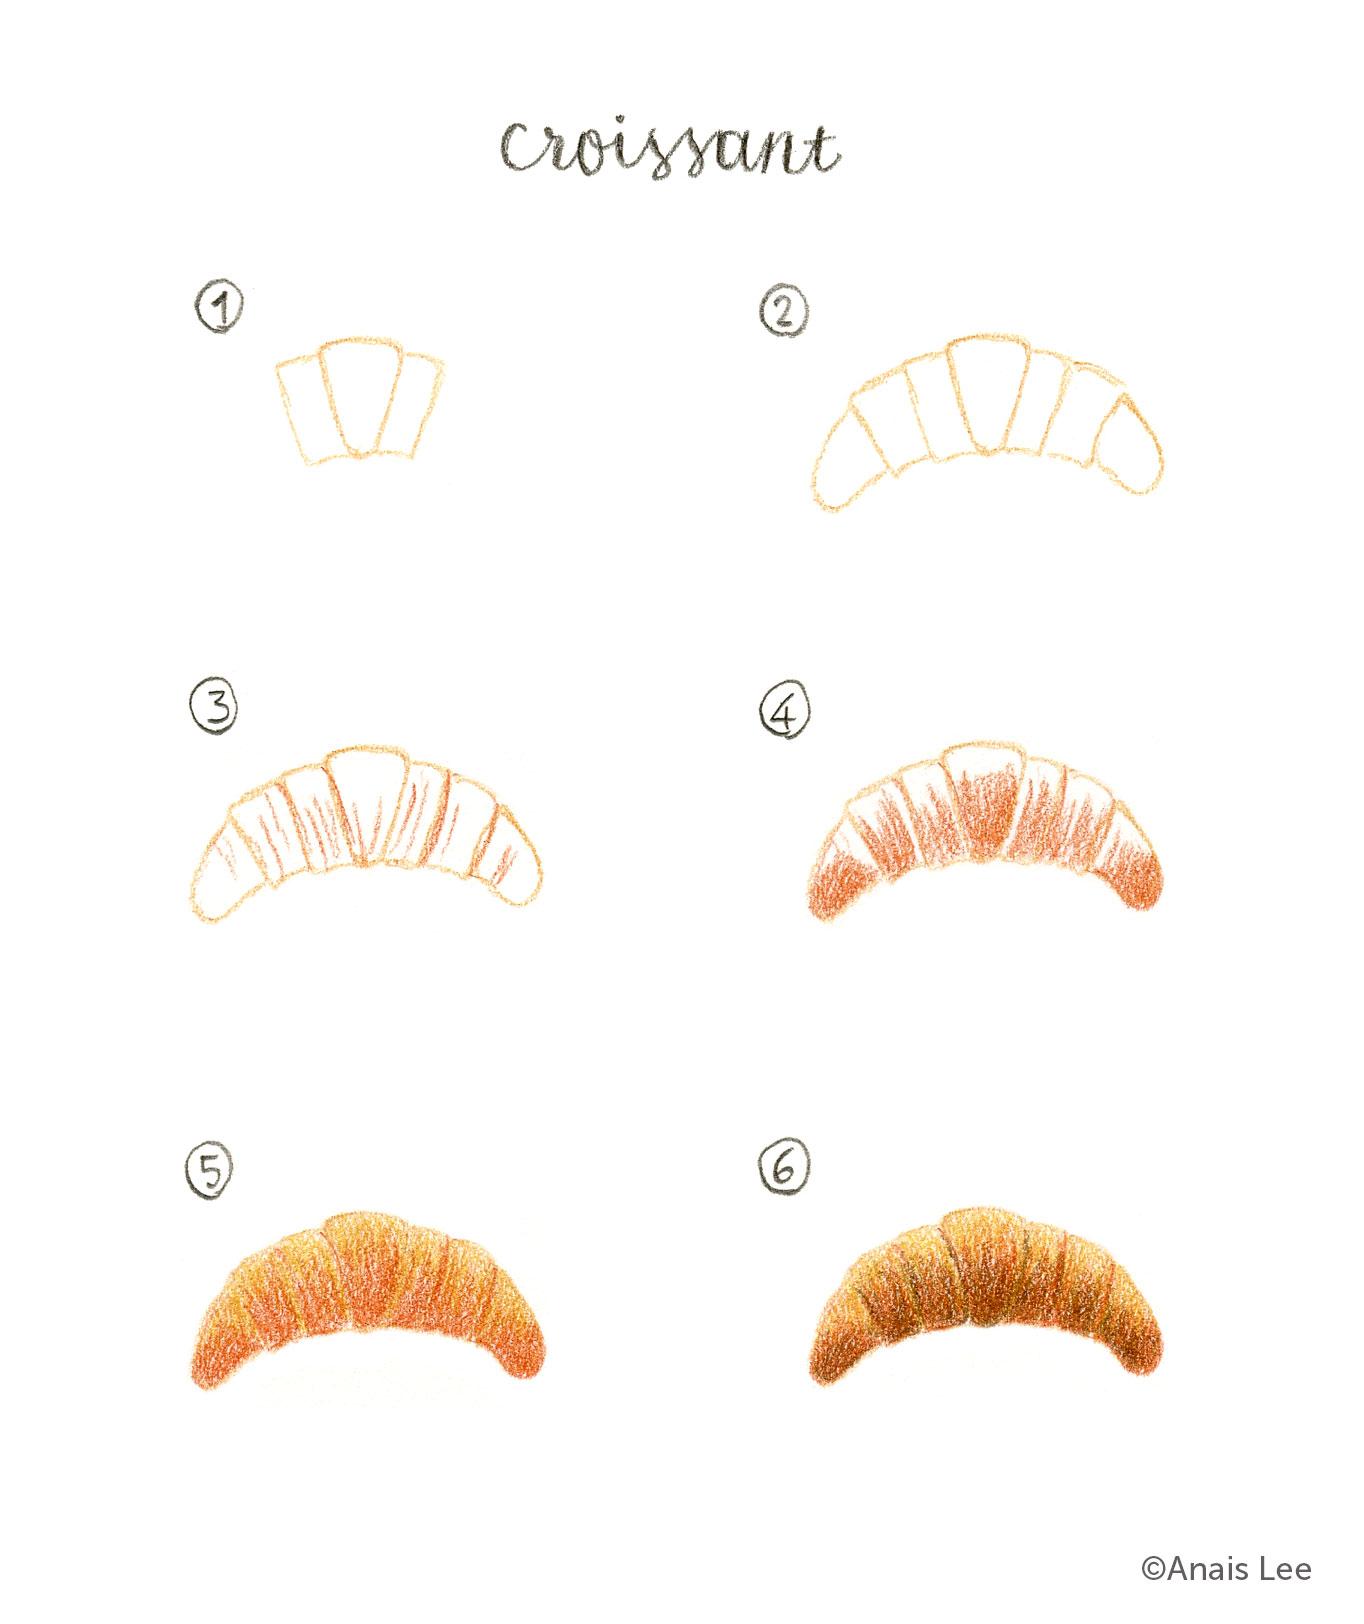 croissant_steps.jpg